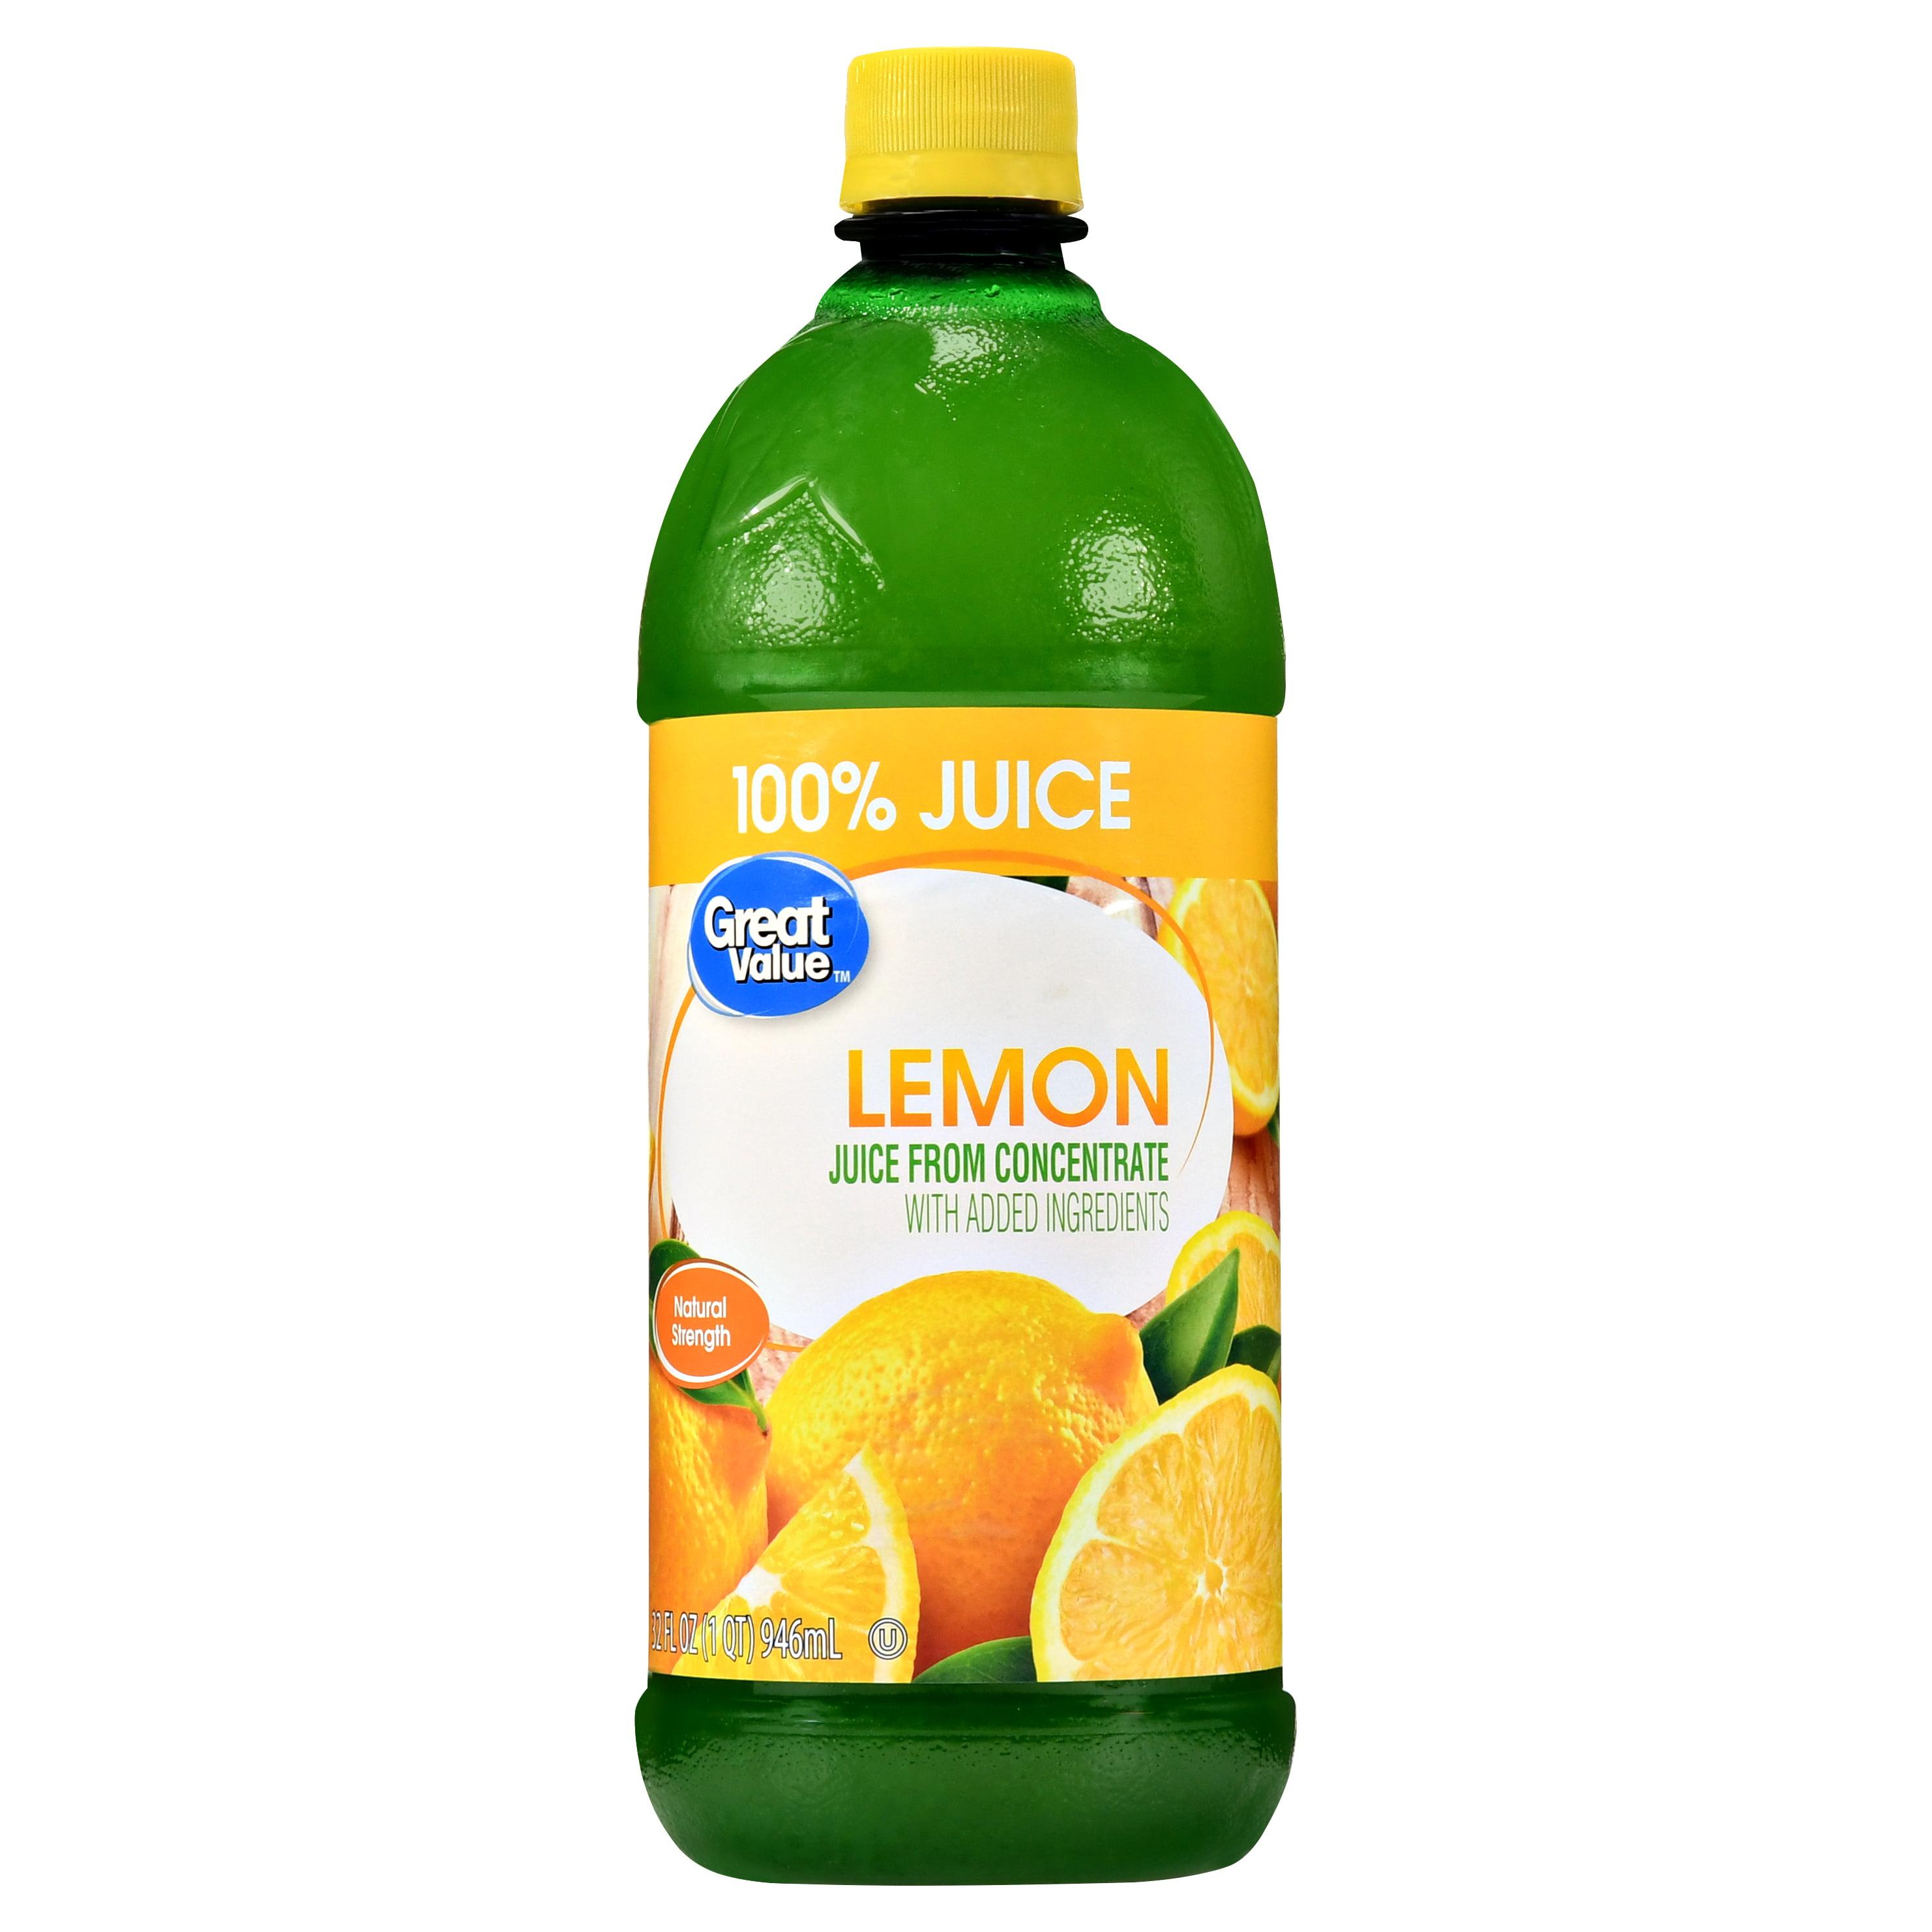 Great Value 100% Juice, Lemon, 32 Fl Oz, 1 Count